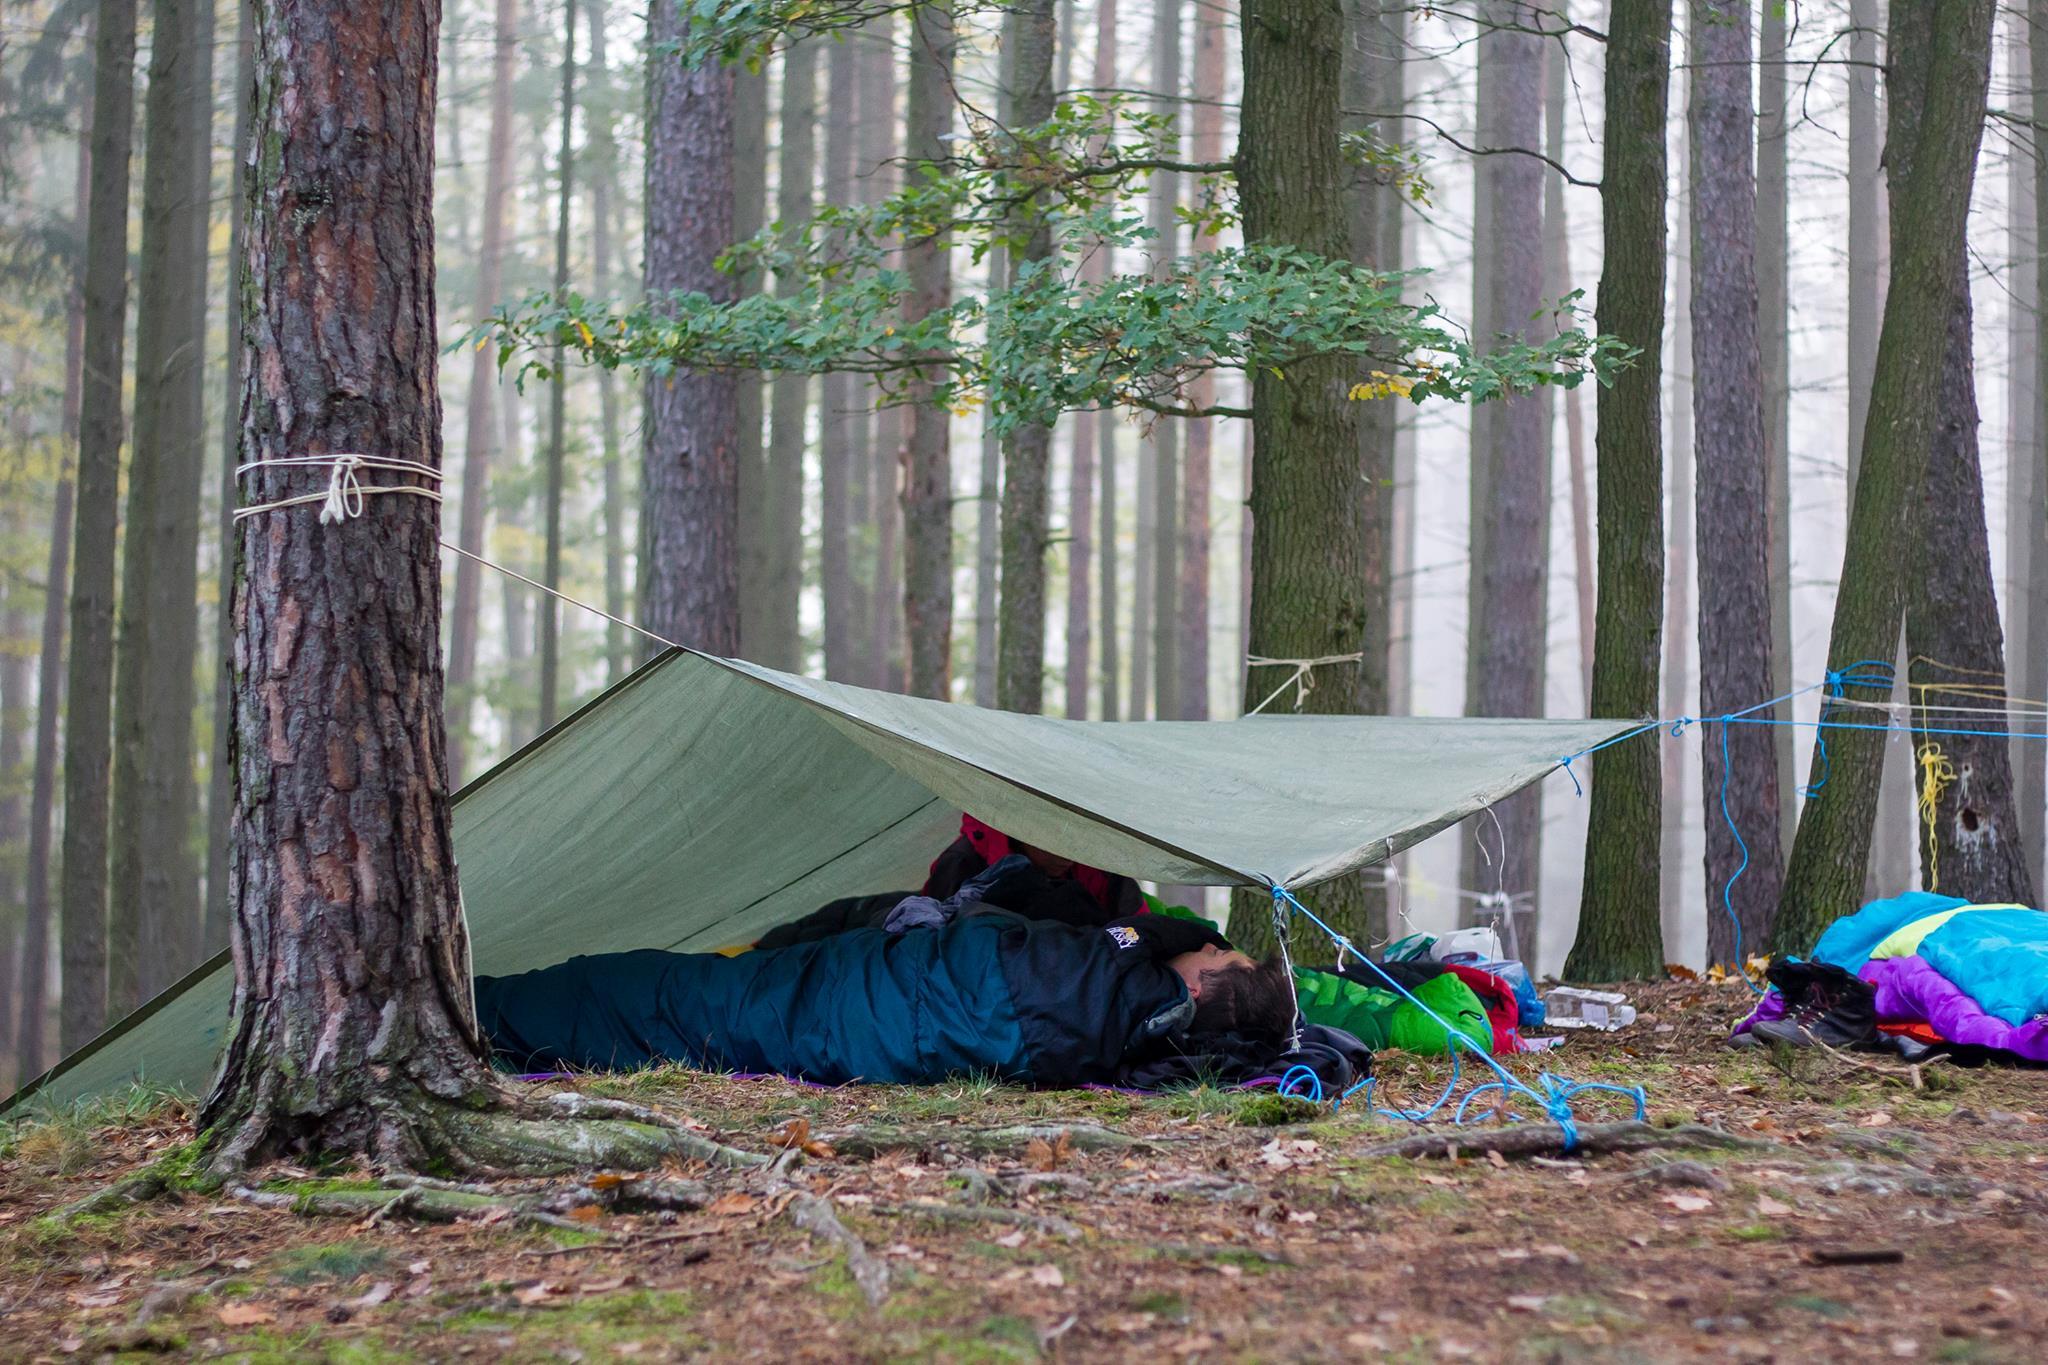 Účastníci spící na zimní akci microadventures v okolí Brna. Foto: webová stránka Zahorami.cz